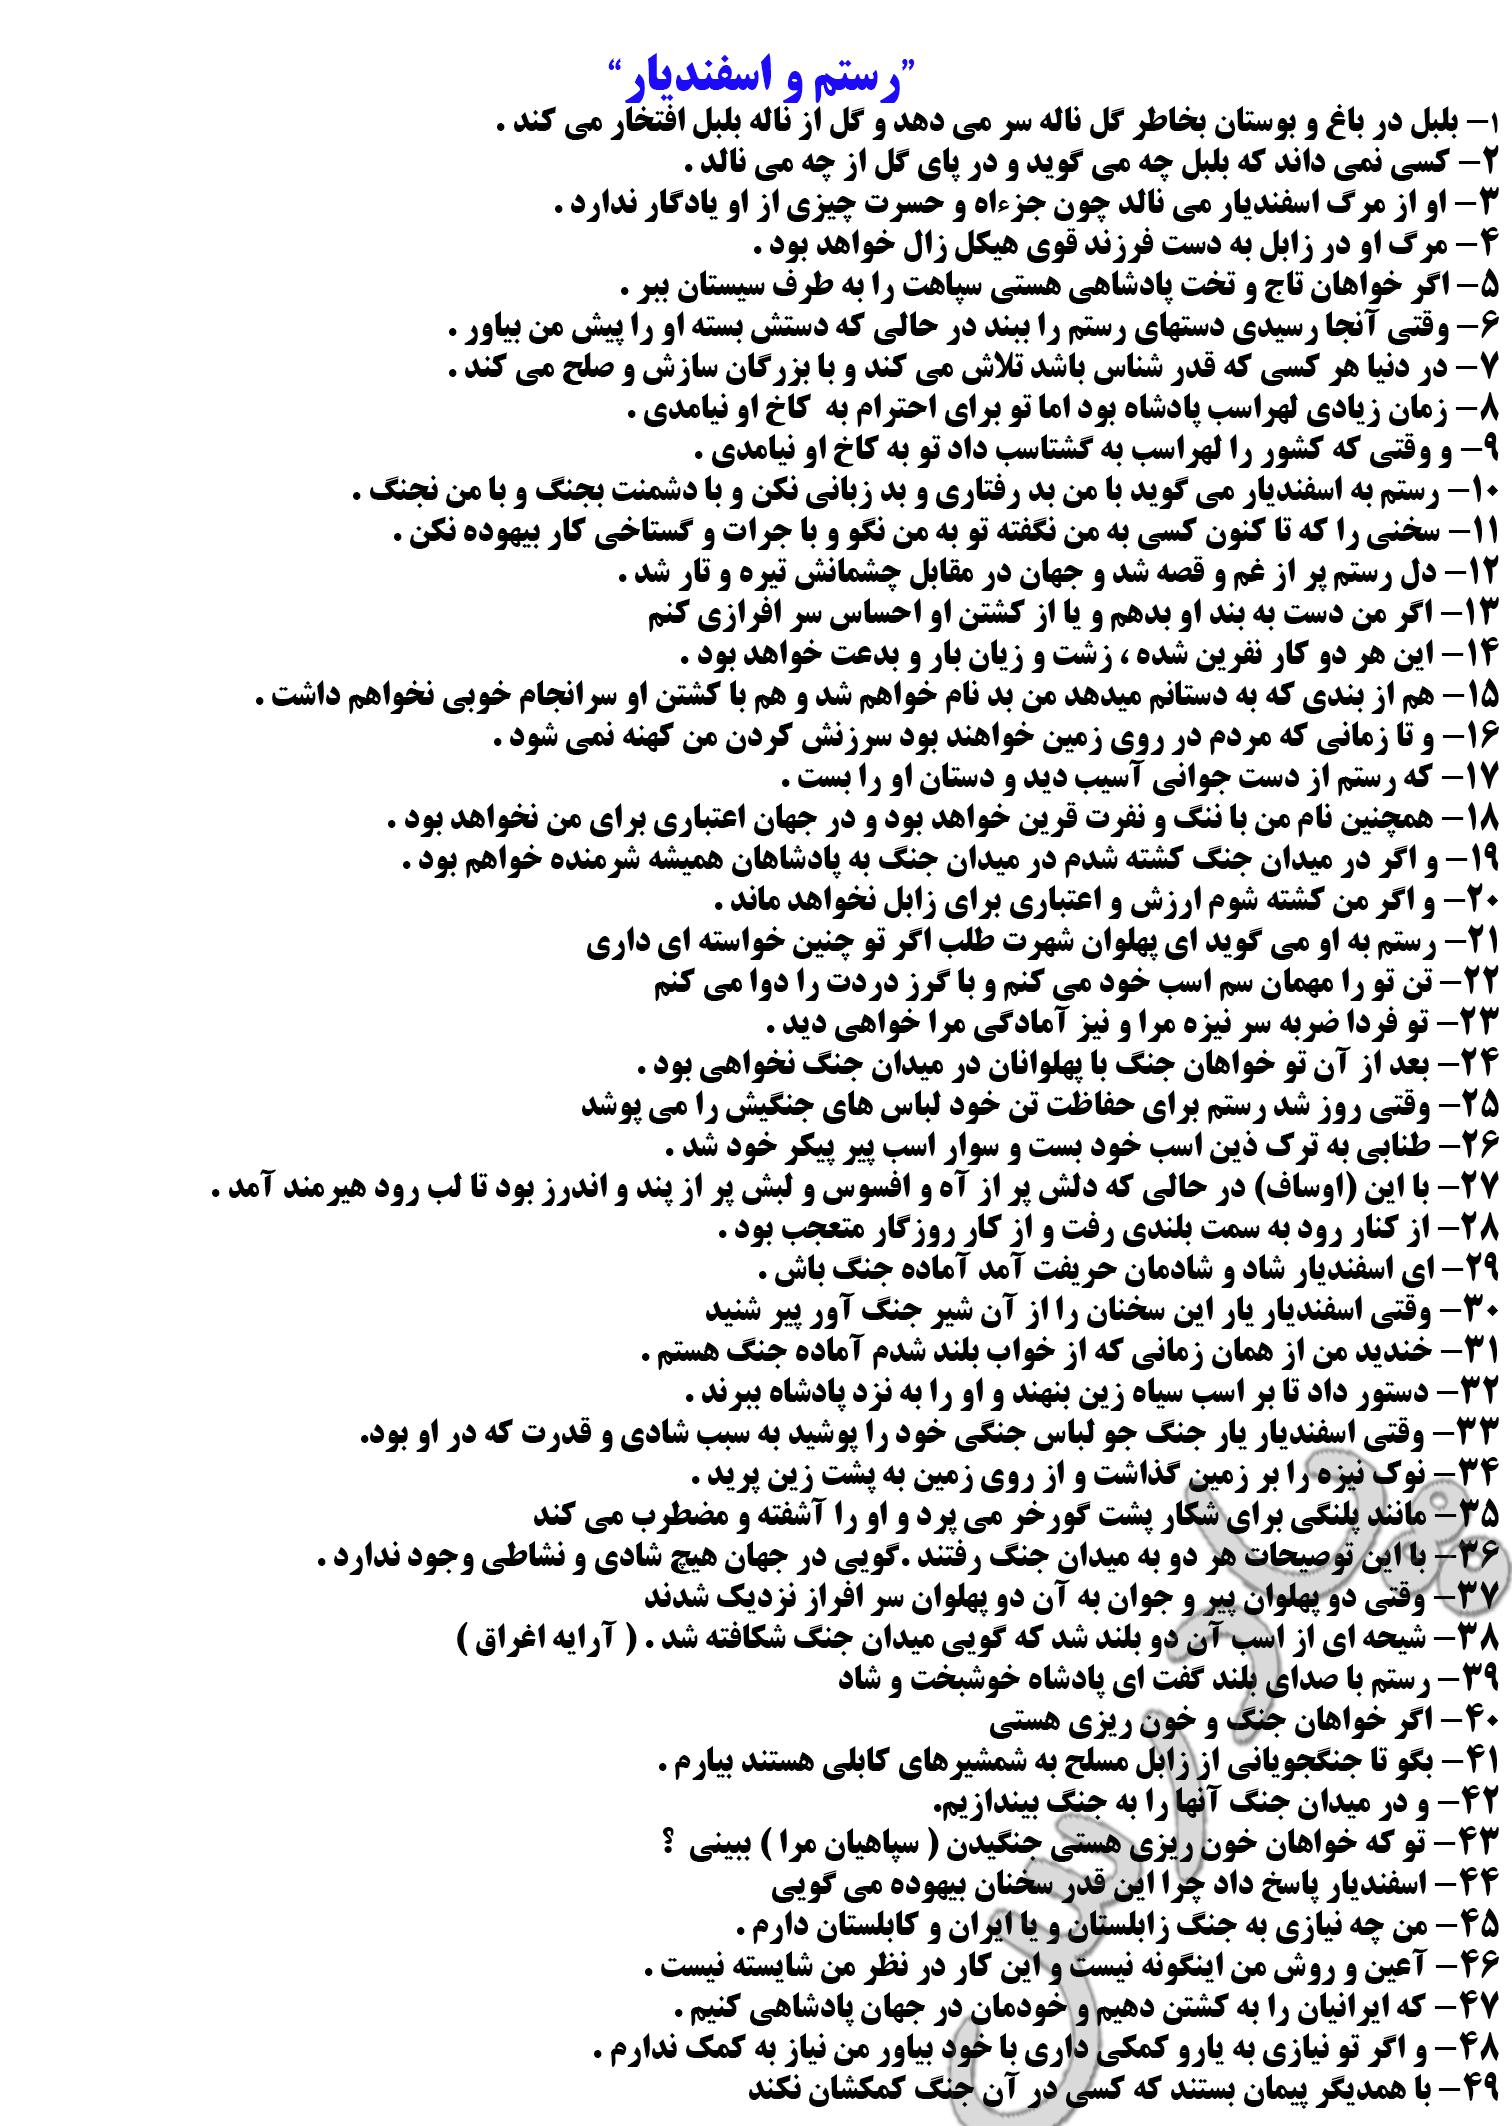 معنی شعر رستم و اسفندیار درس 2  ادبیات فارسی سوم انسانی